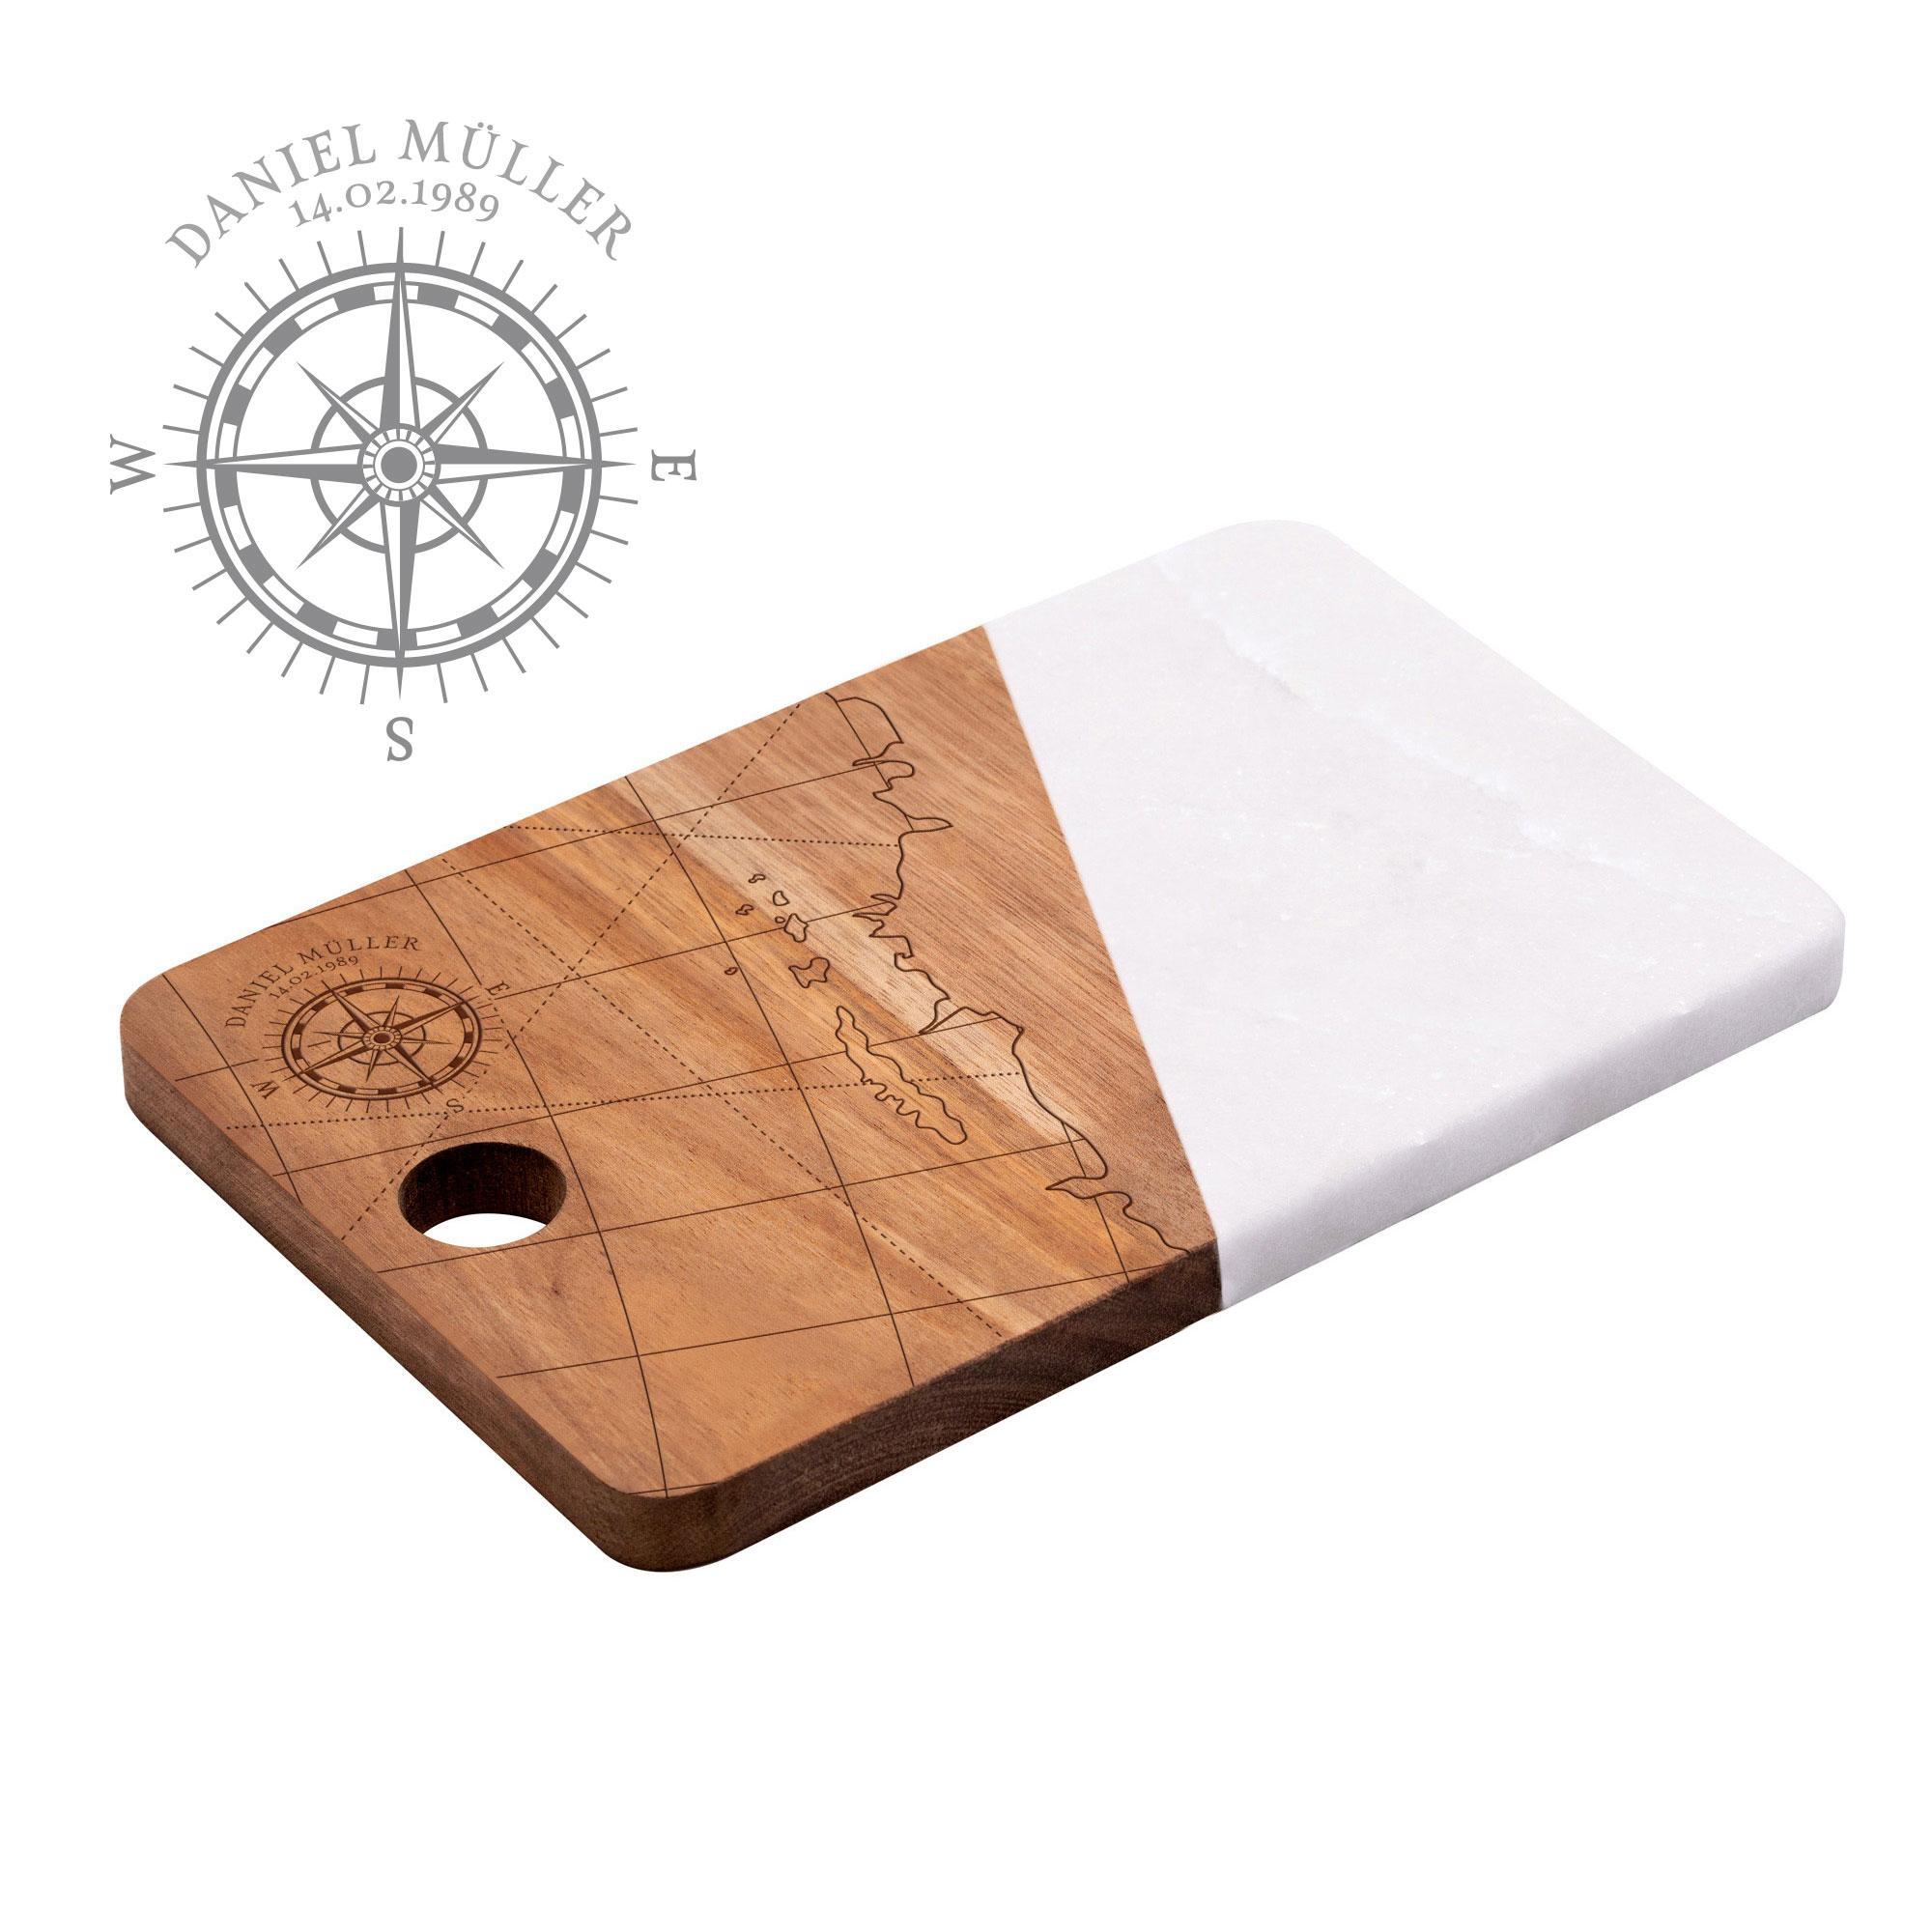 Servierbrett Marmor mit personalisierter Gravur - Kompass